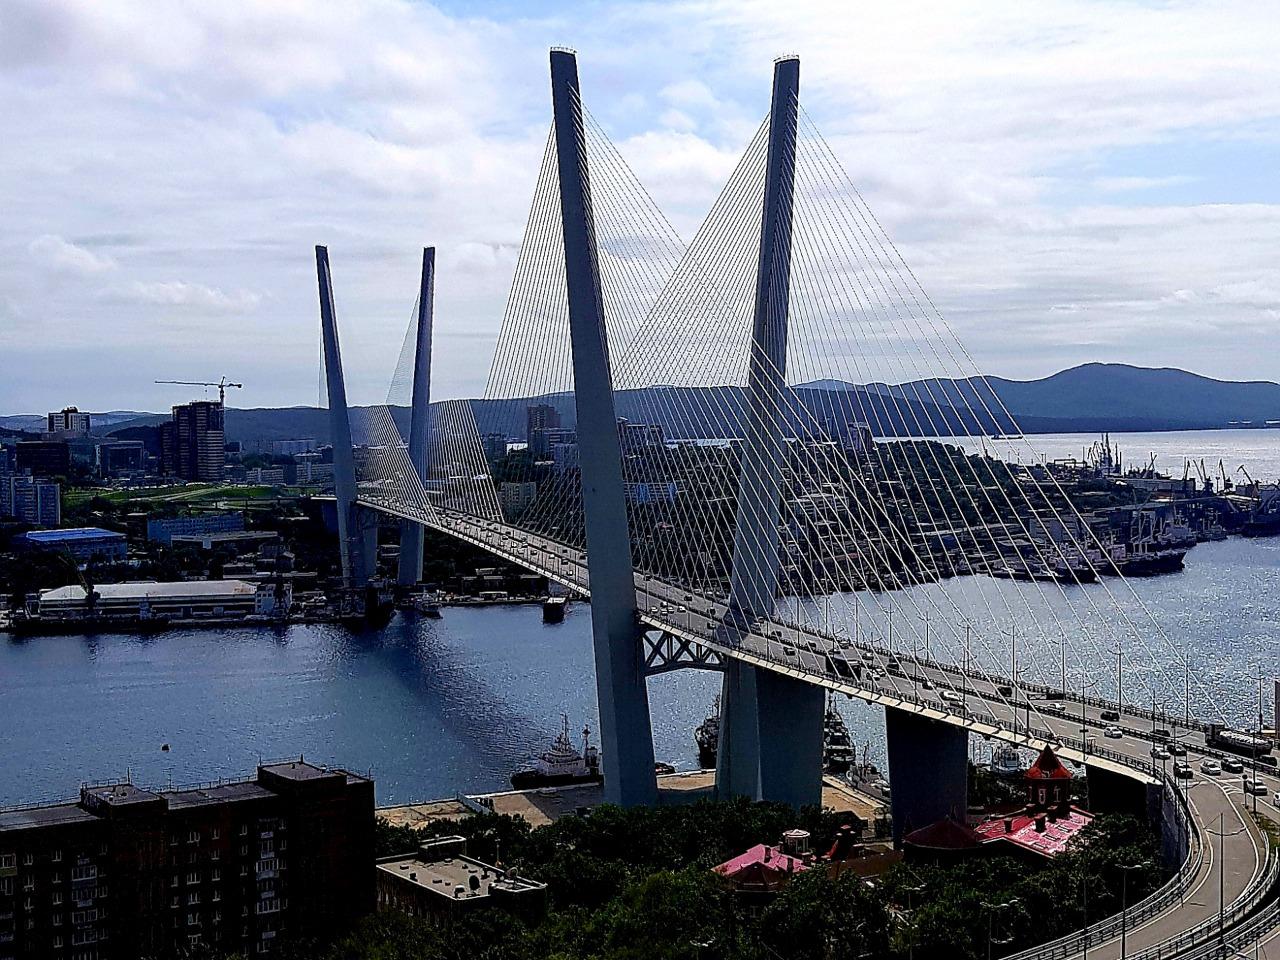 Сафари парк — бухта Патрокл—Стеклянная — Лазурная - индивидуальная экскурсия по Владивостоку от опытного гида